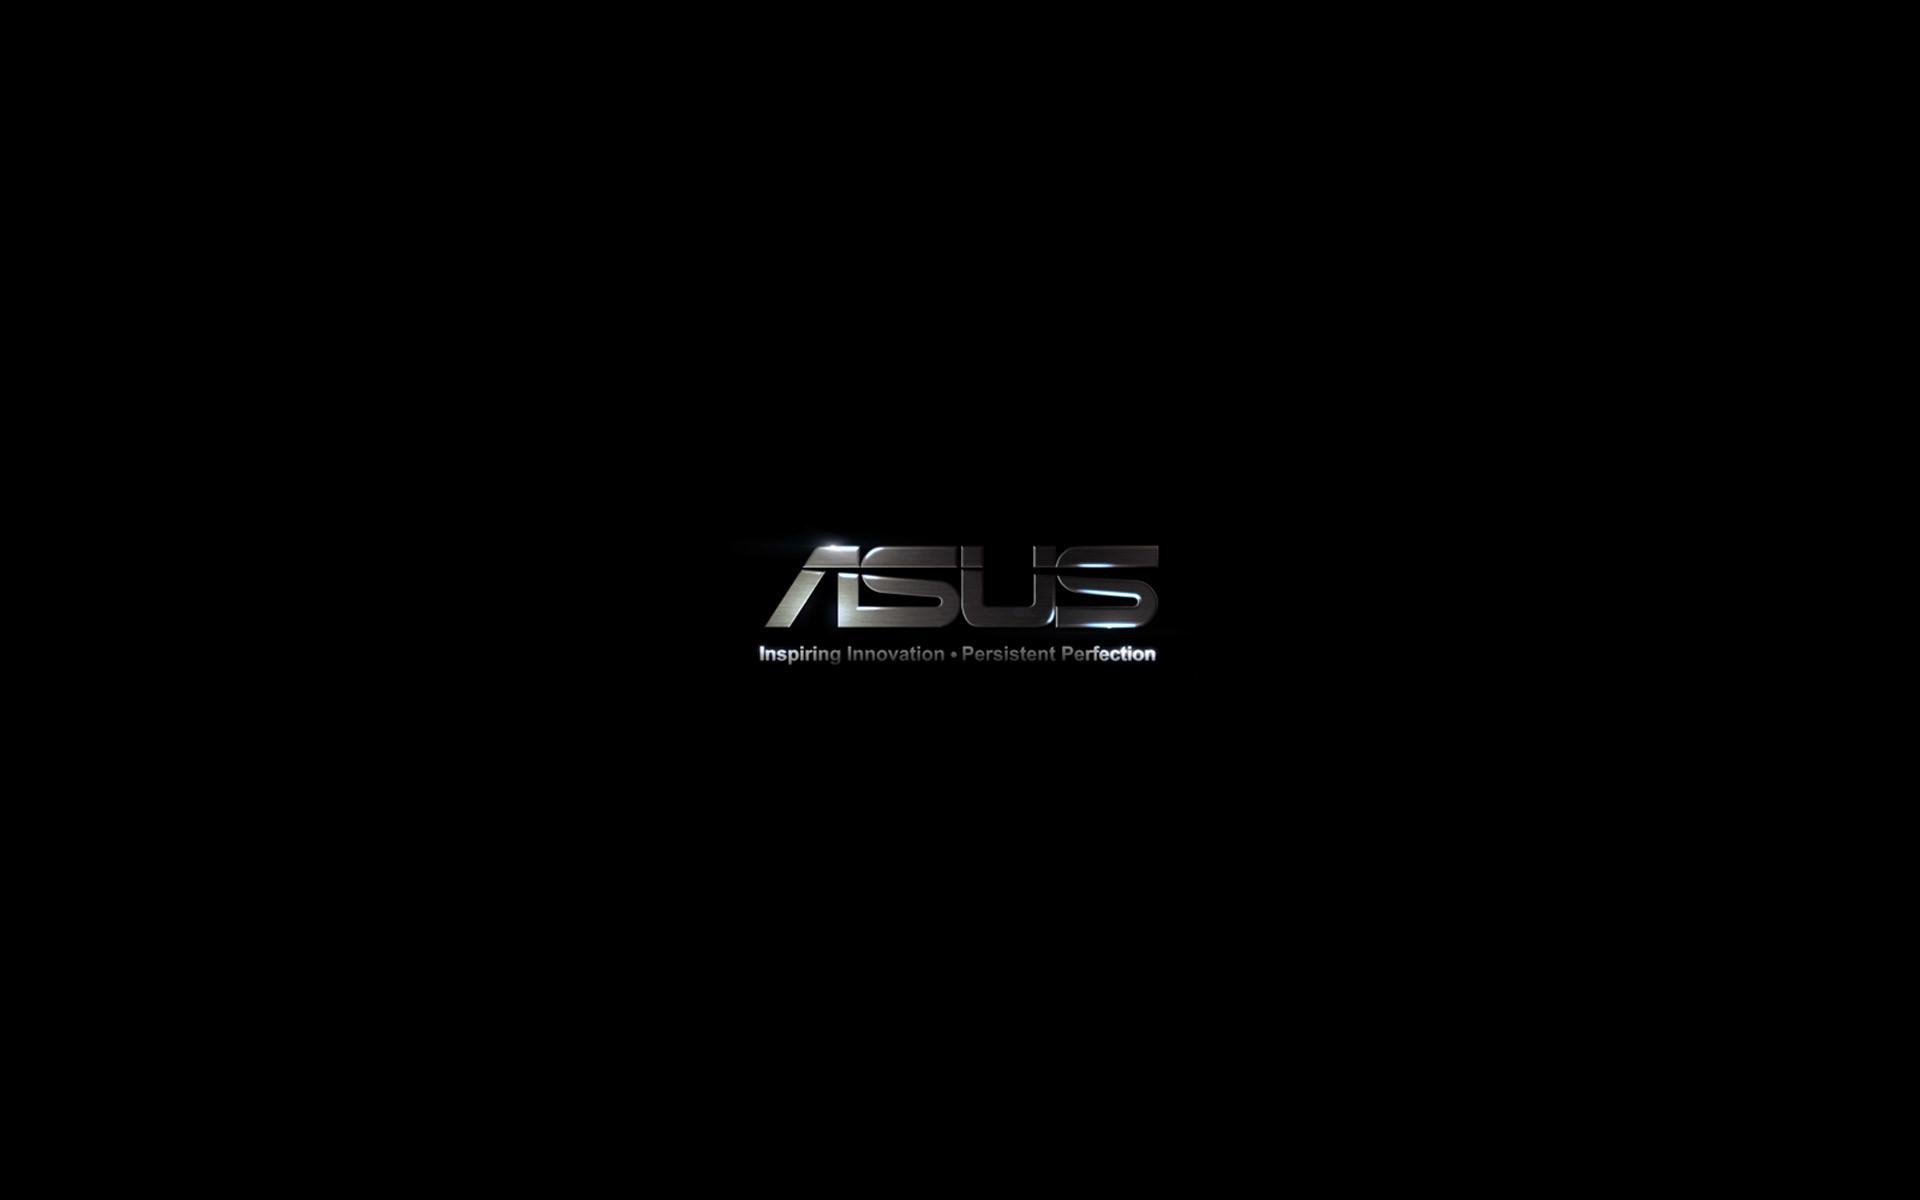 Asus Wallpaper Full HD 86 images 1920x1200